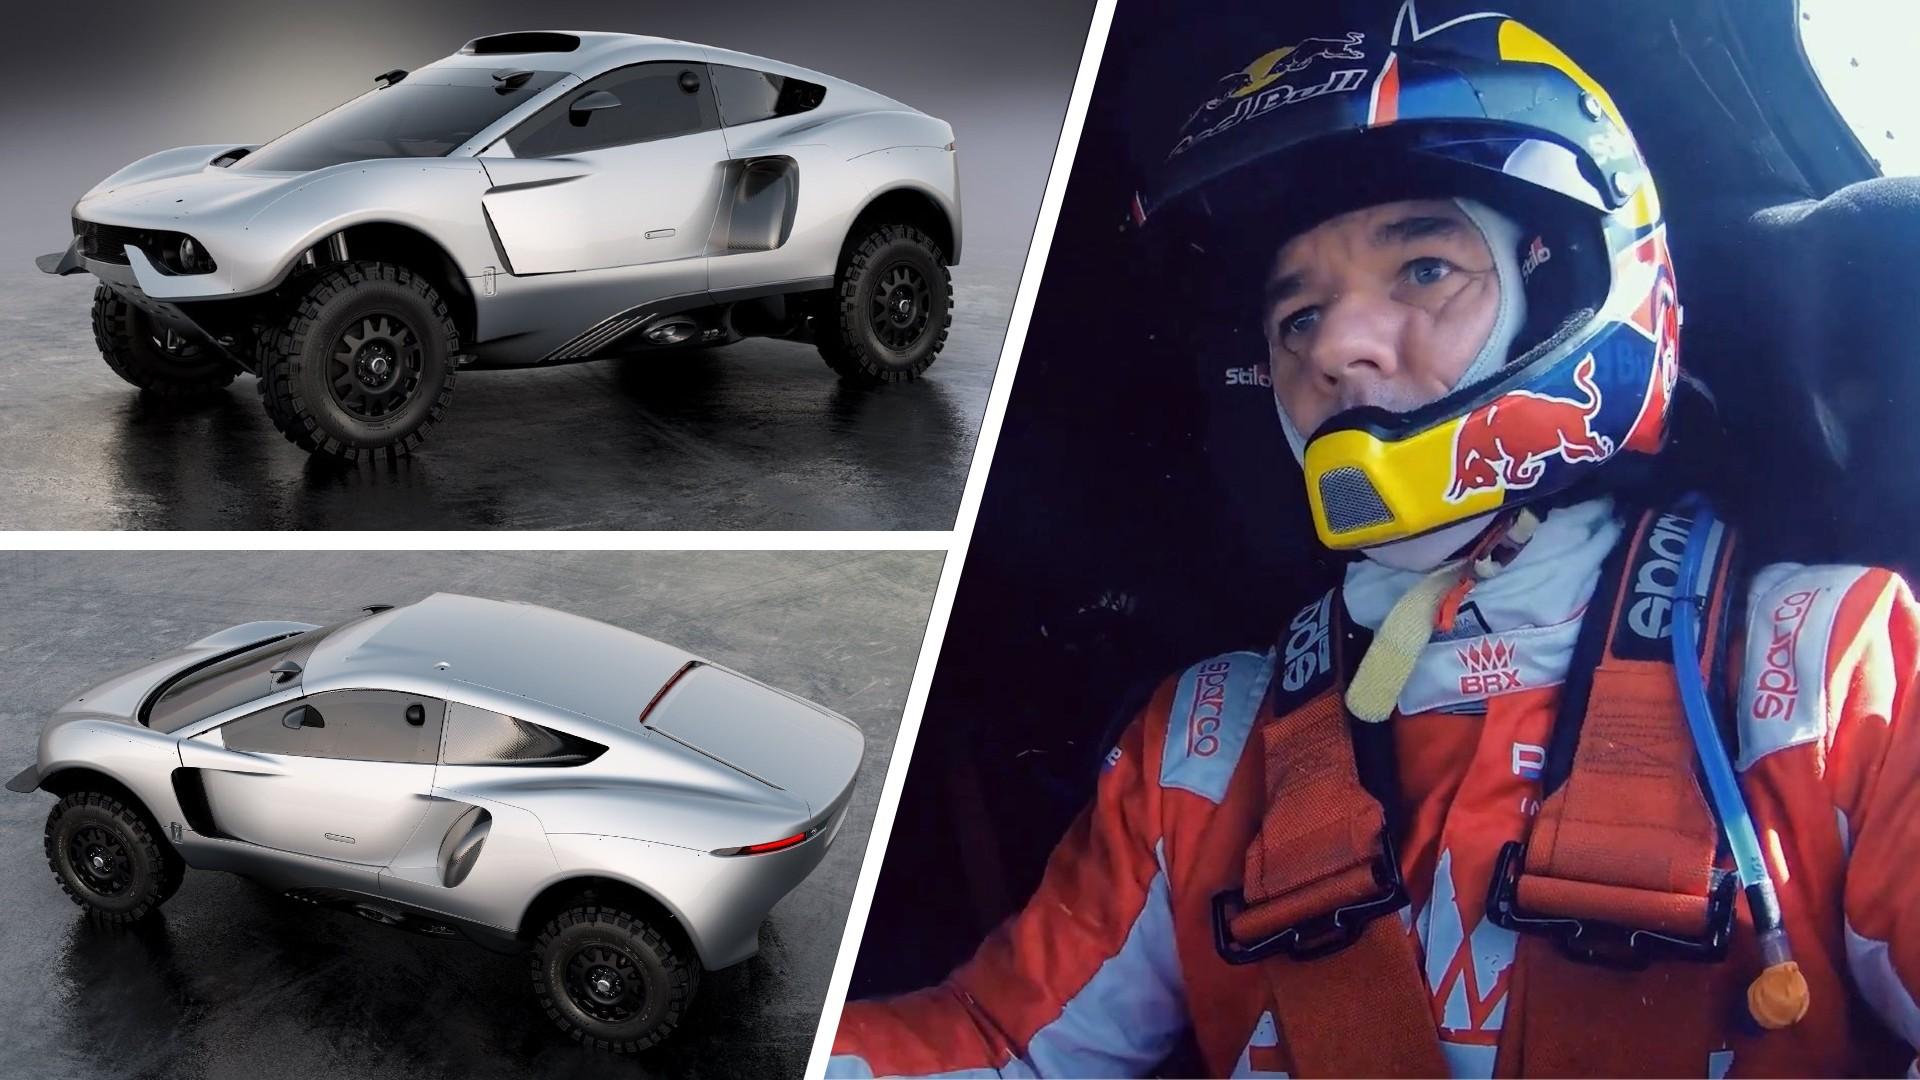 Αυτό το όχημα θα οδηγήσει ο Sébastien Loeb στο Dakar [vid]